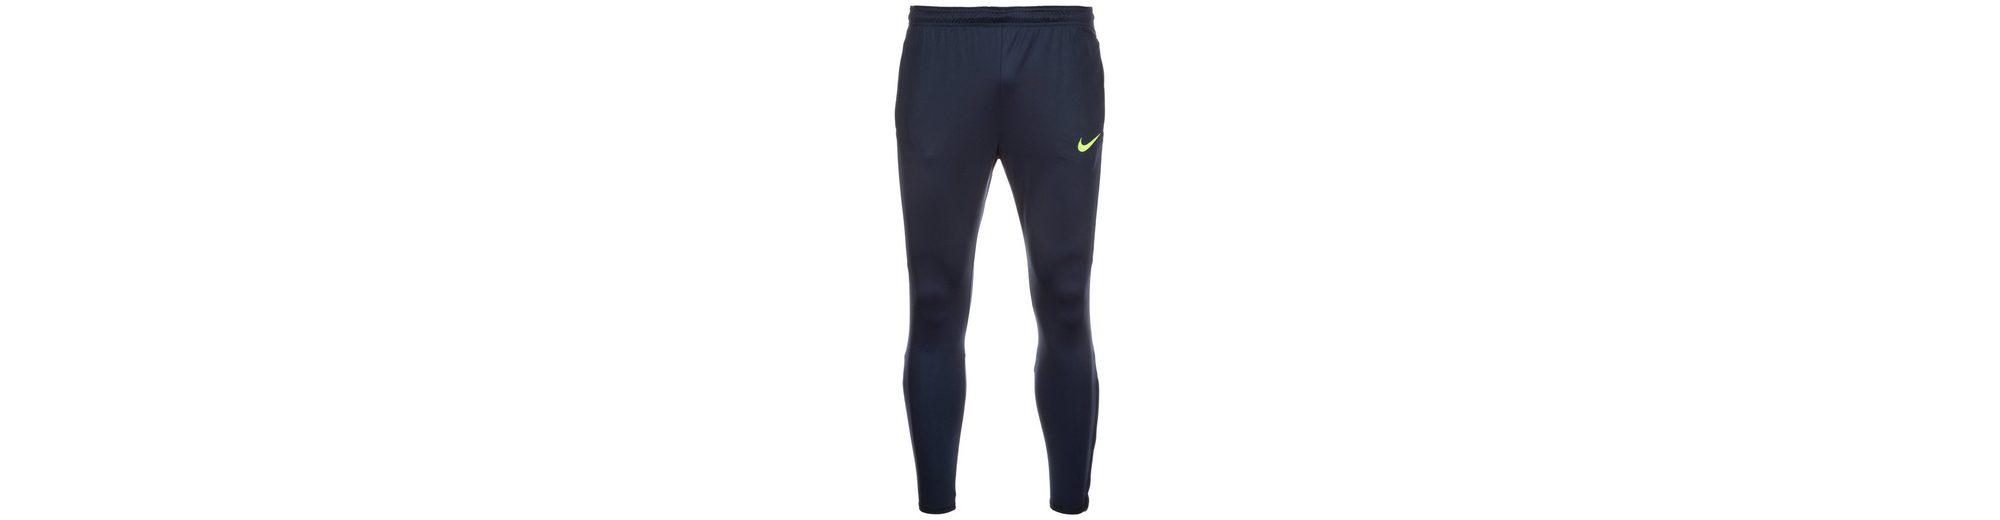 Rabatt Echt Die Günstigste Zum Verkauf Nike Dry Squad Trainingshose Herren Billigpreisnachlass Authentisch Spielraum 2018 Günstig Kaufen Besten Laden Zu Bekommen K7CBO